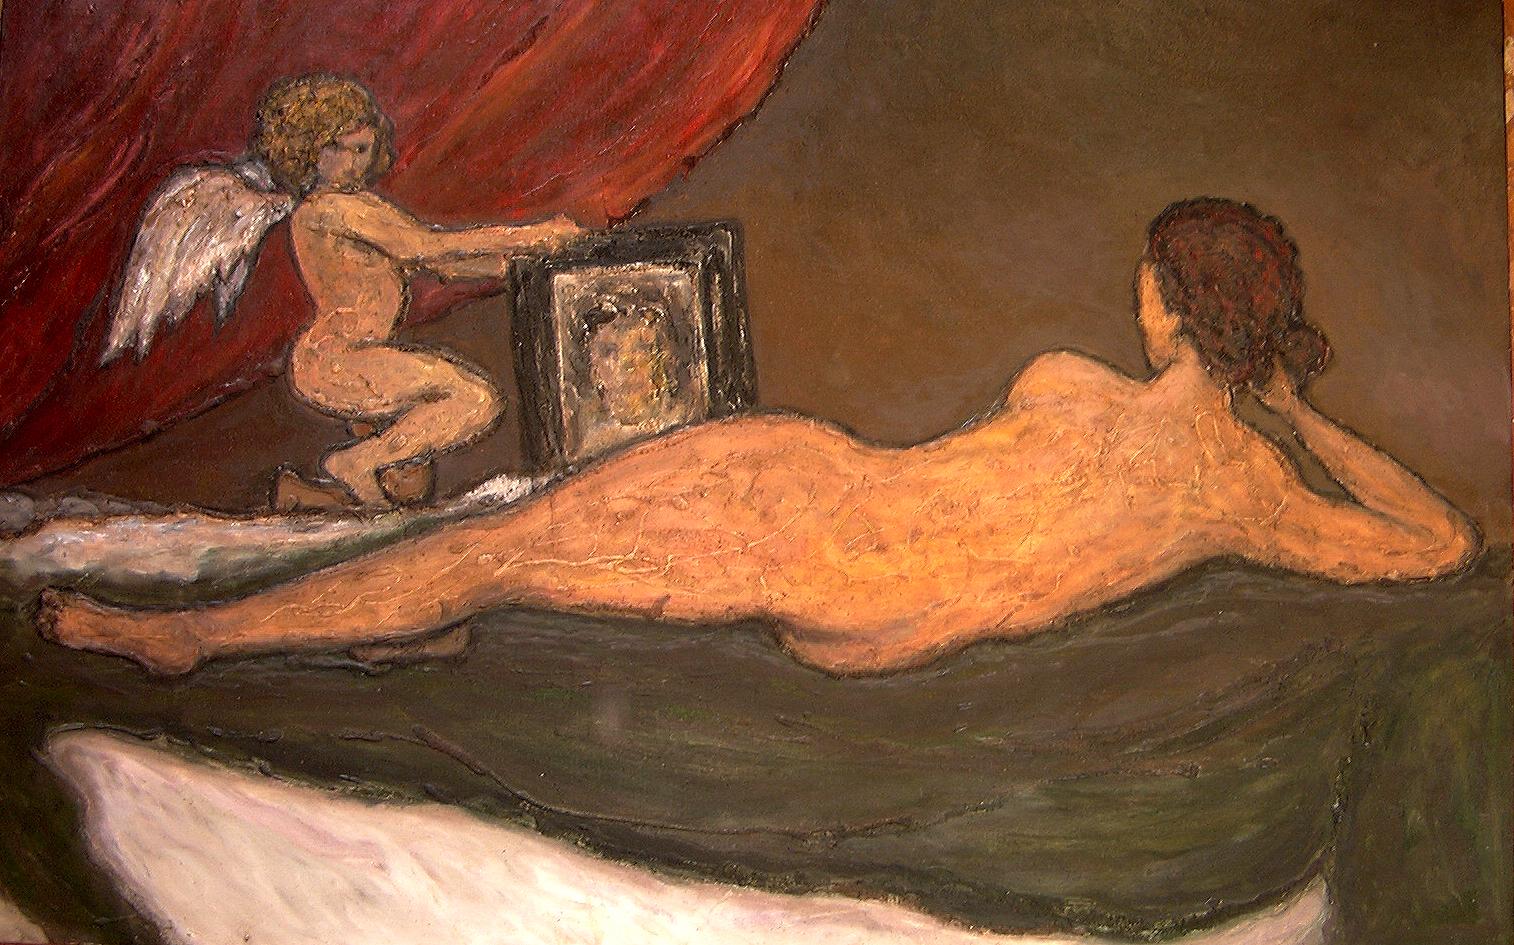 Venus del espejo imagen - La venus del espejo ...